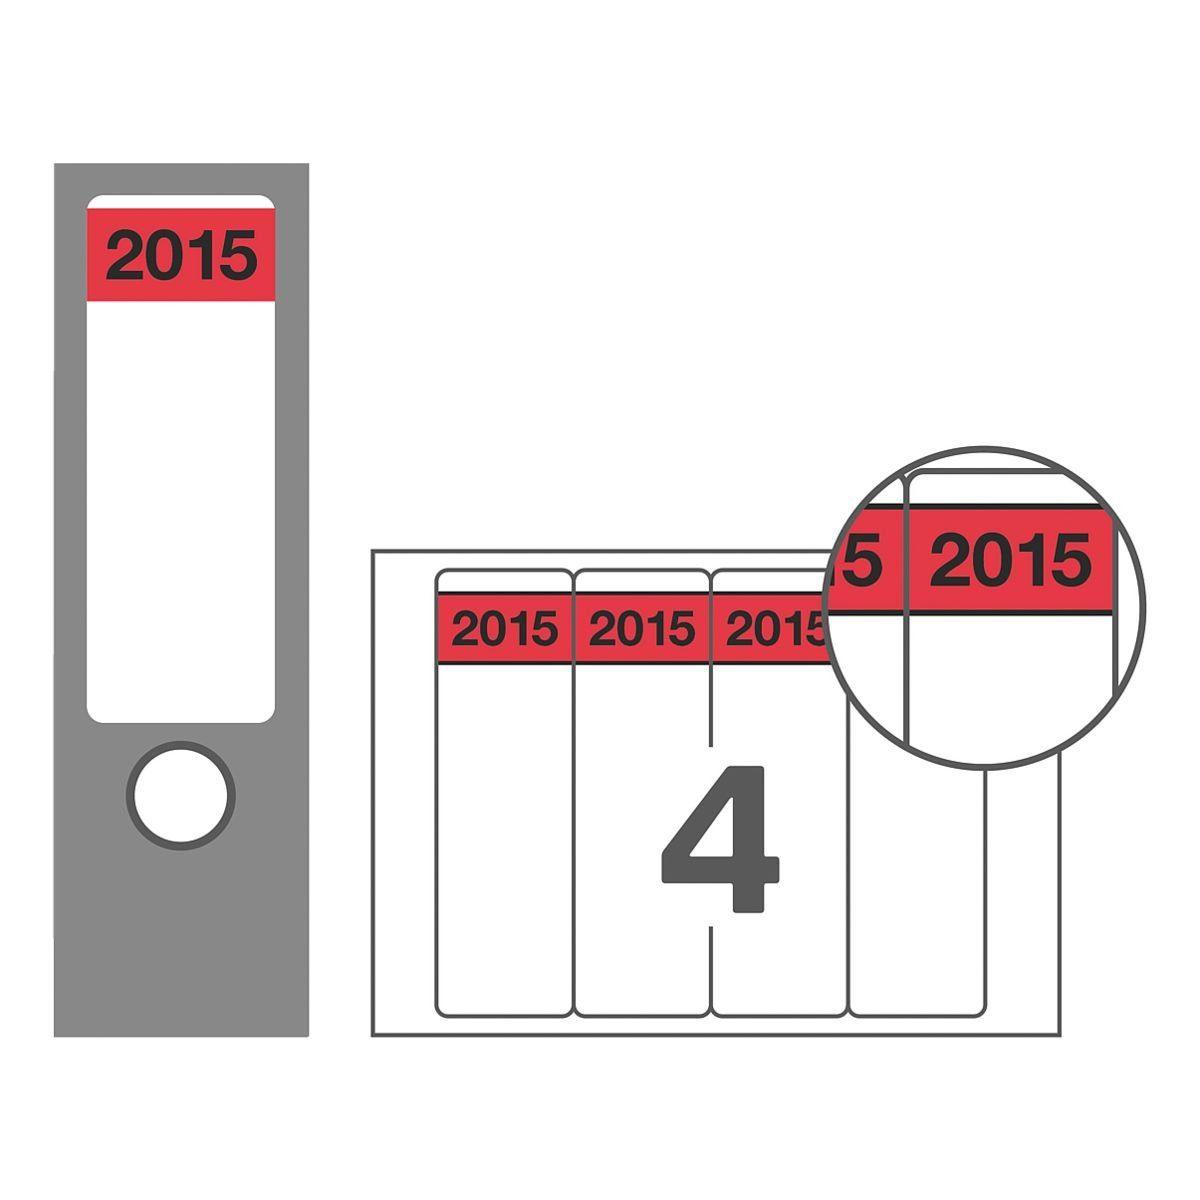 Avery Zweckform Selbstklebende Inhaltsschilder »Jahreszahlen 2015«